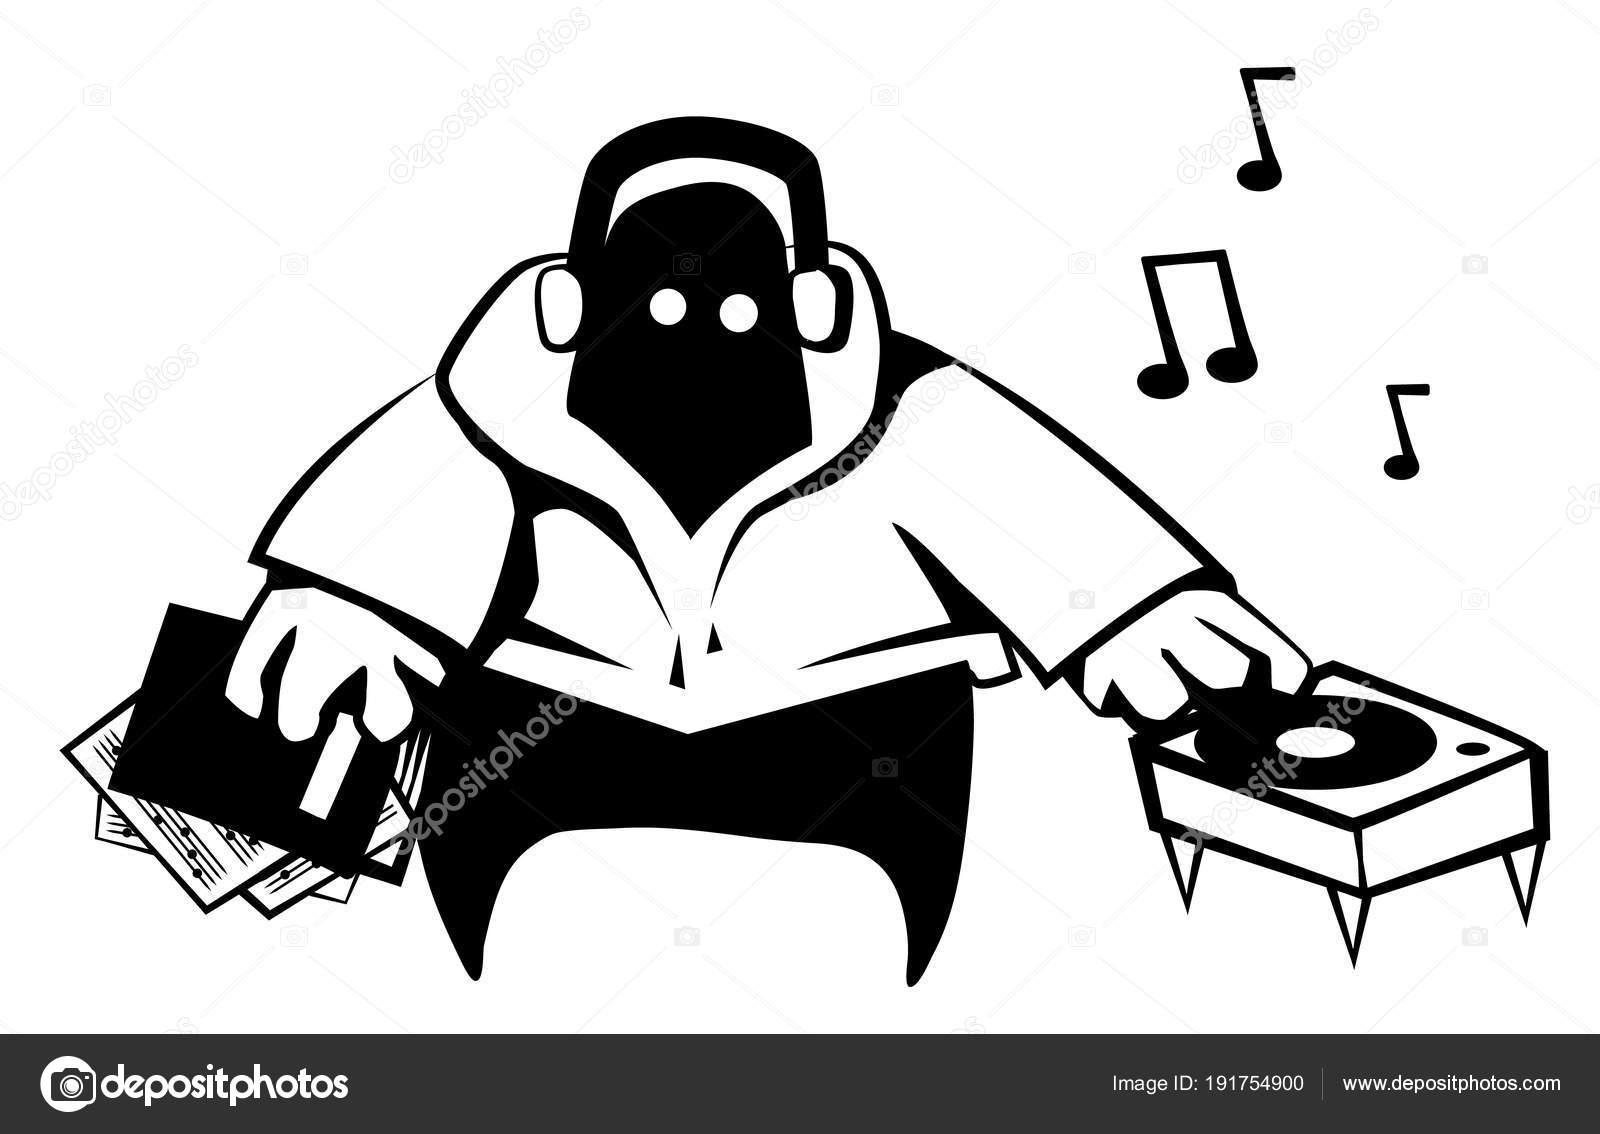 Dj clipart dj boy, Dj dj boy Transparent FREE for download on  WebStockReview 2020